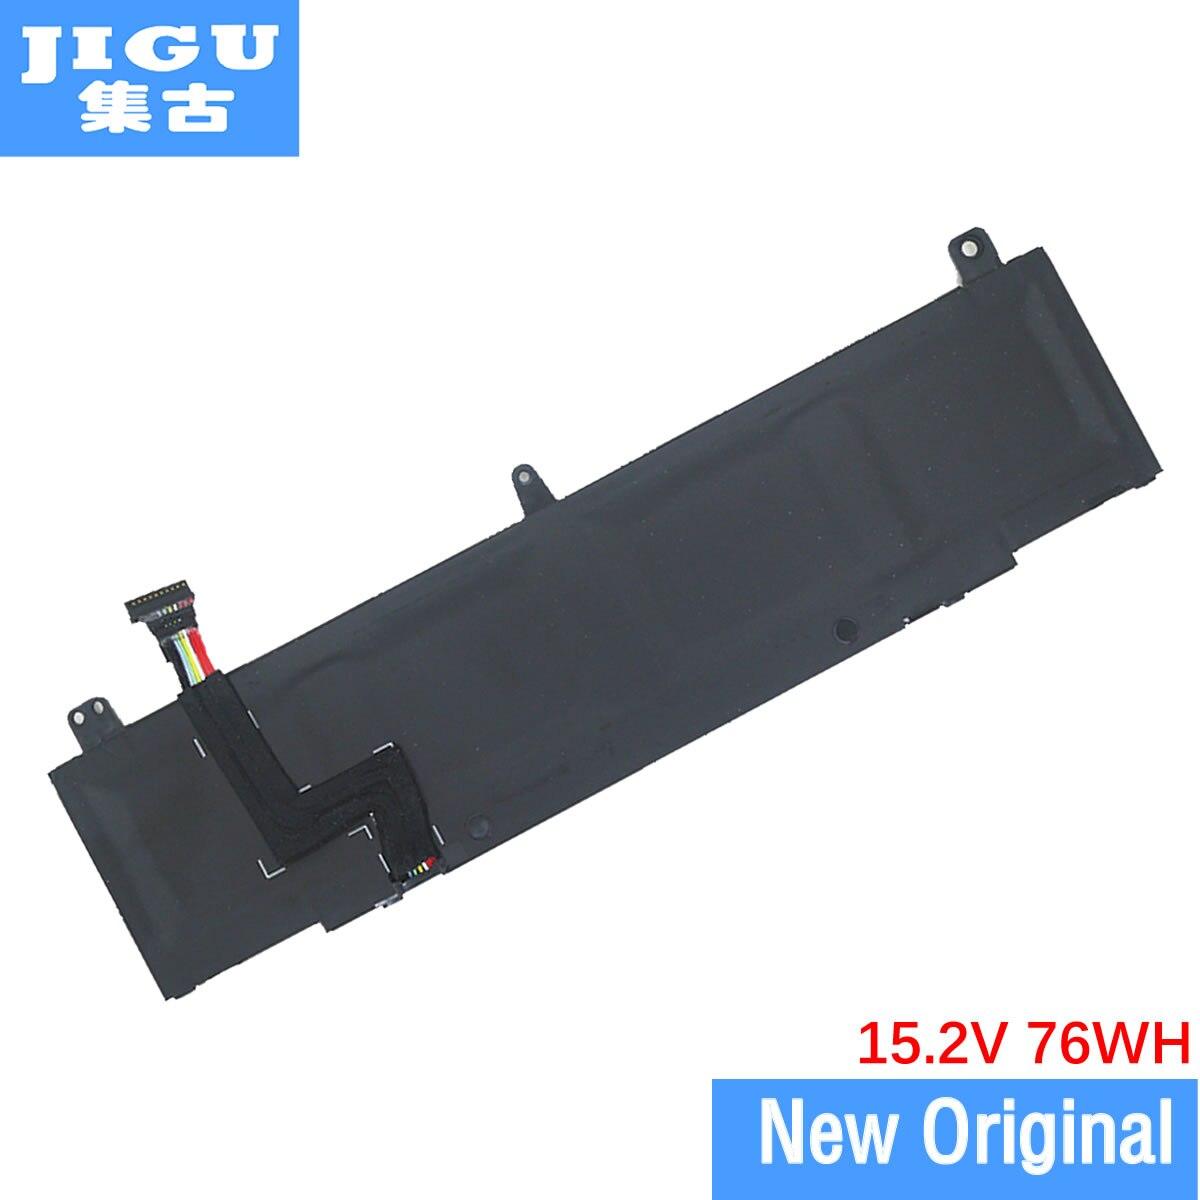 JIGU Original Tablet Battery 0V9XD7 TDW5P For Dell For Alienware 13 R3 15.2V 76WH jigu 15 2v 68wh original laptop battery 0546ff 546ff 44t2r for dell for alienware 15 r3